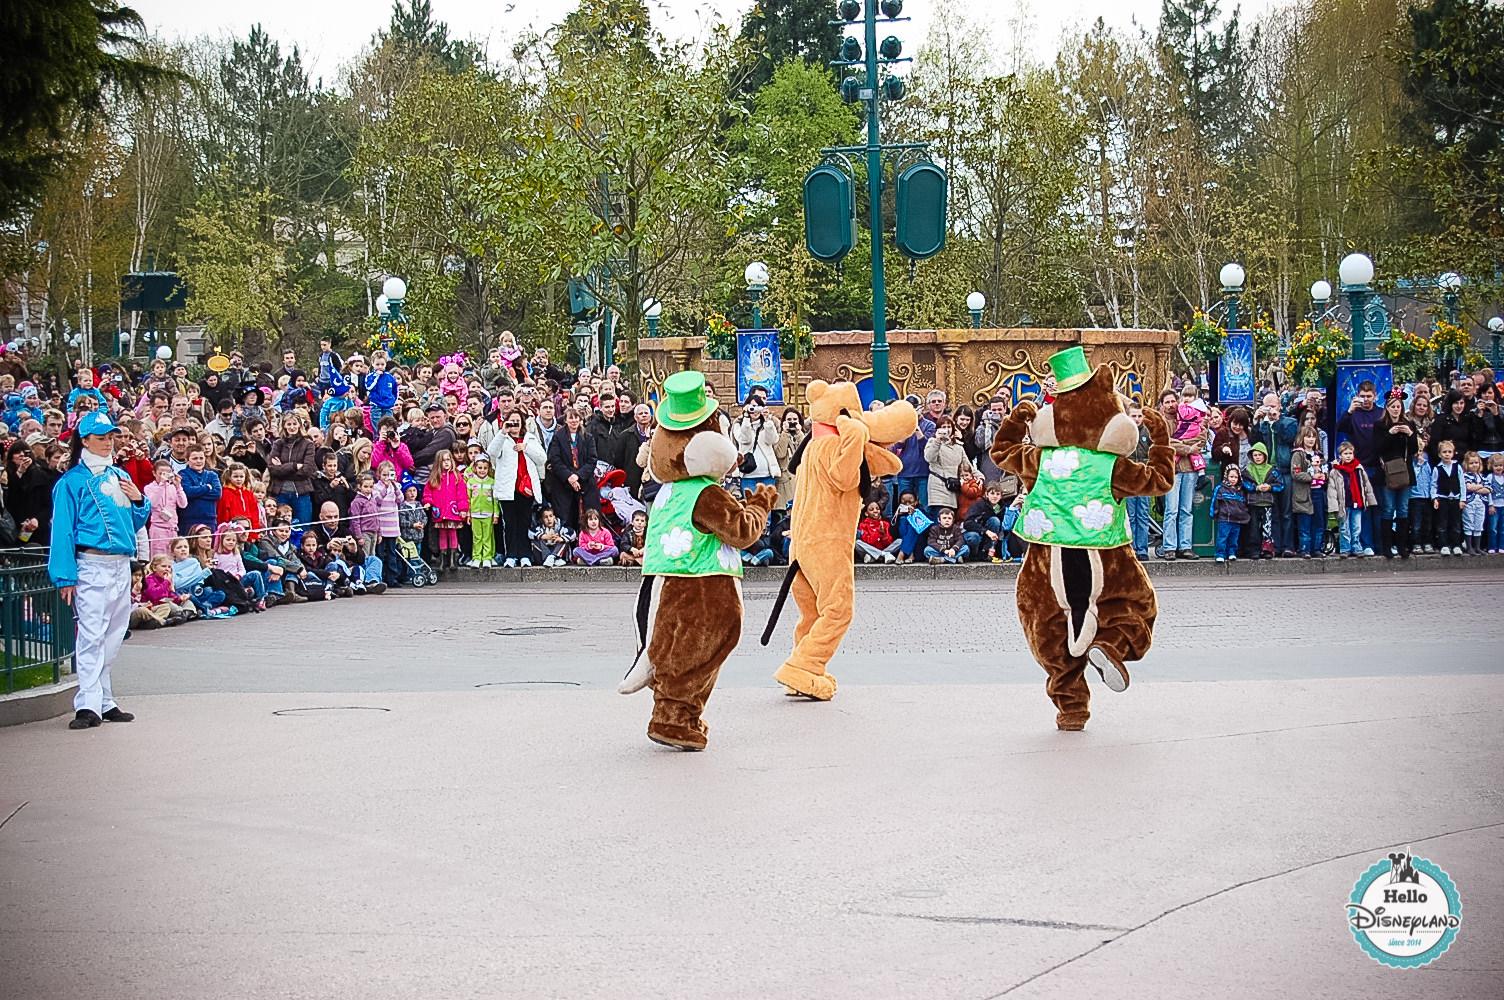 Disney Once Upon a Dream Parade - Disneyland Paris -1